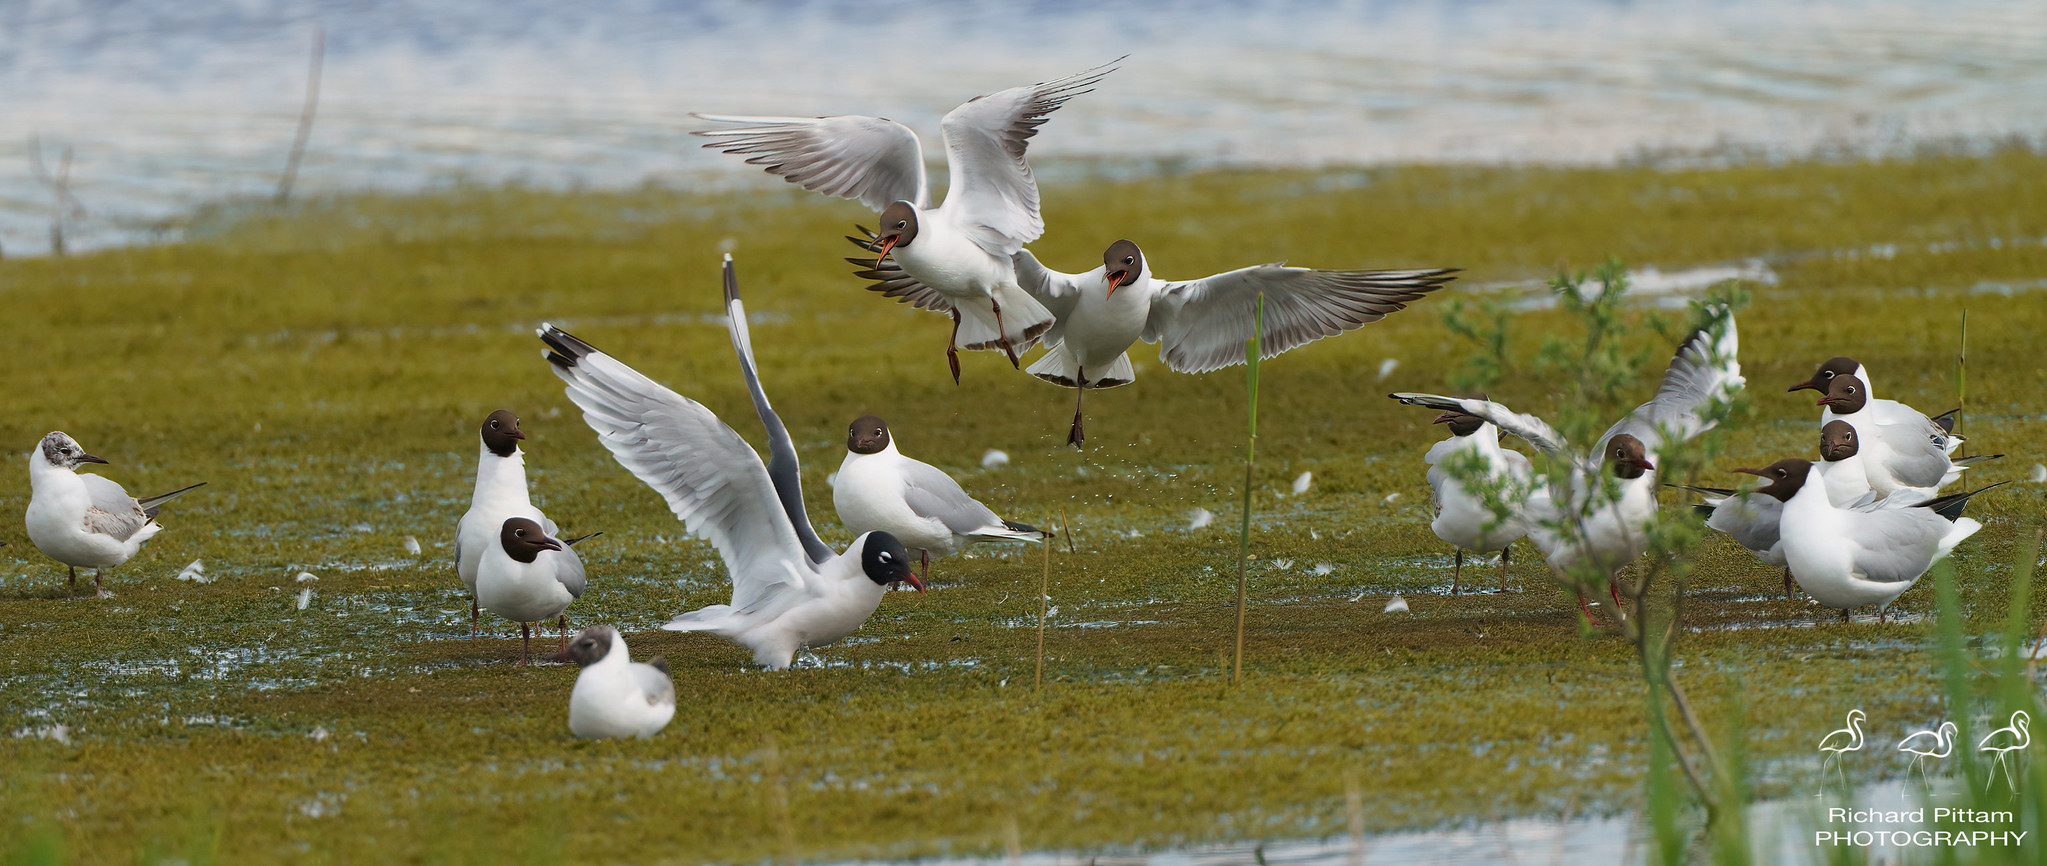 Franklin's Gull among Black-headed Gulls